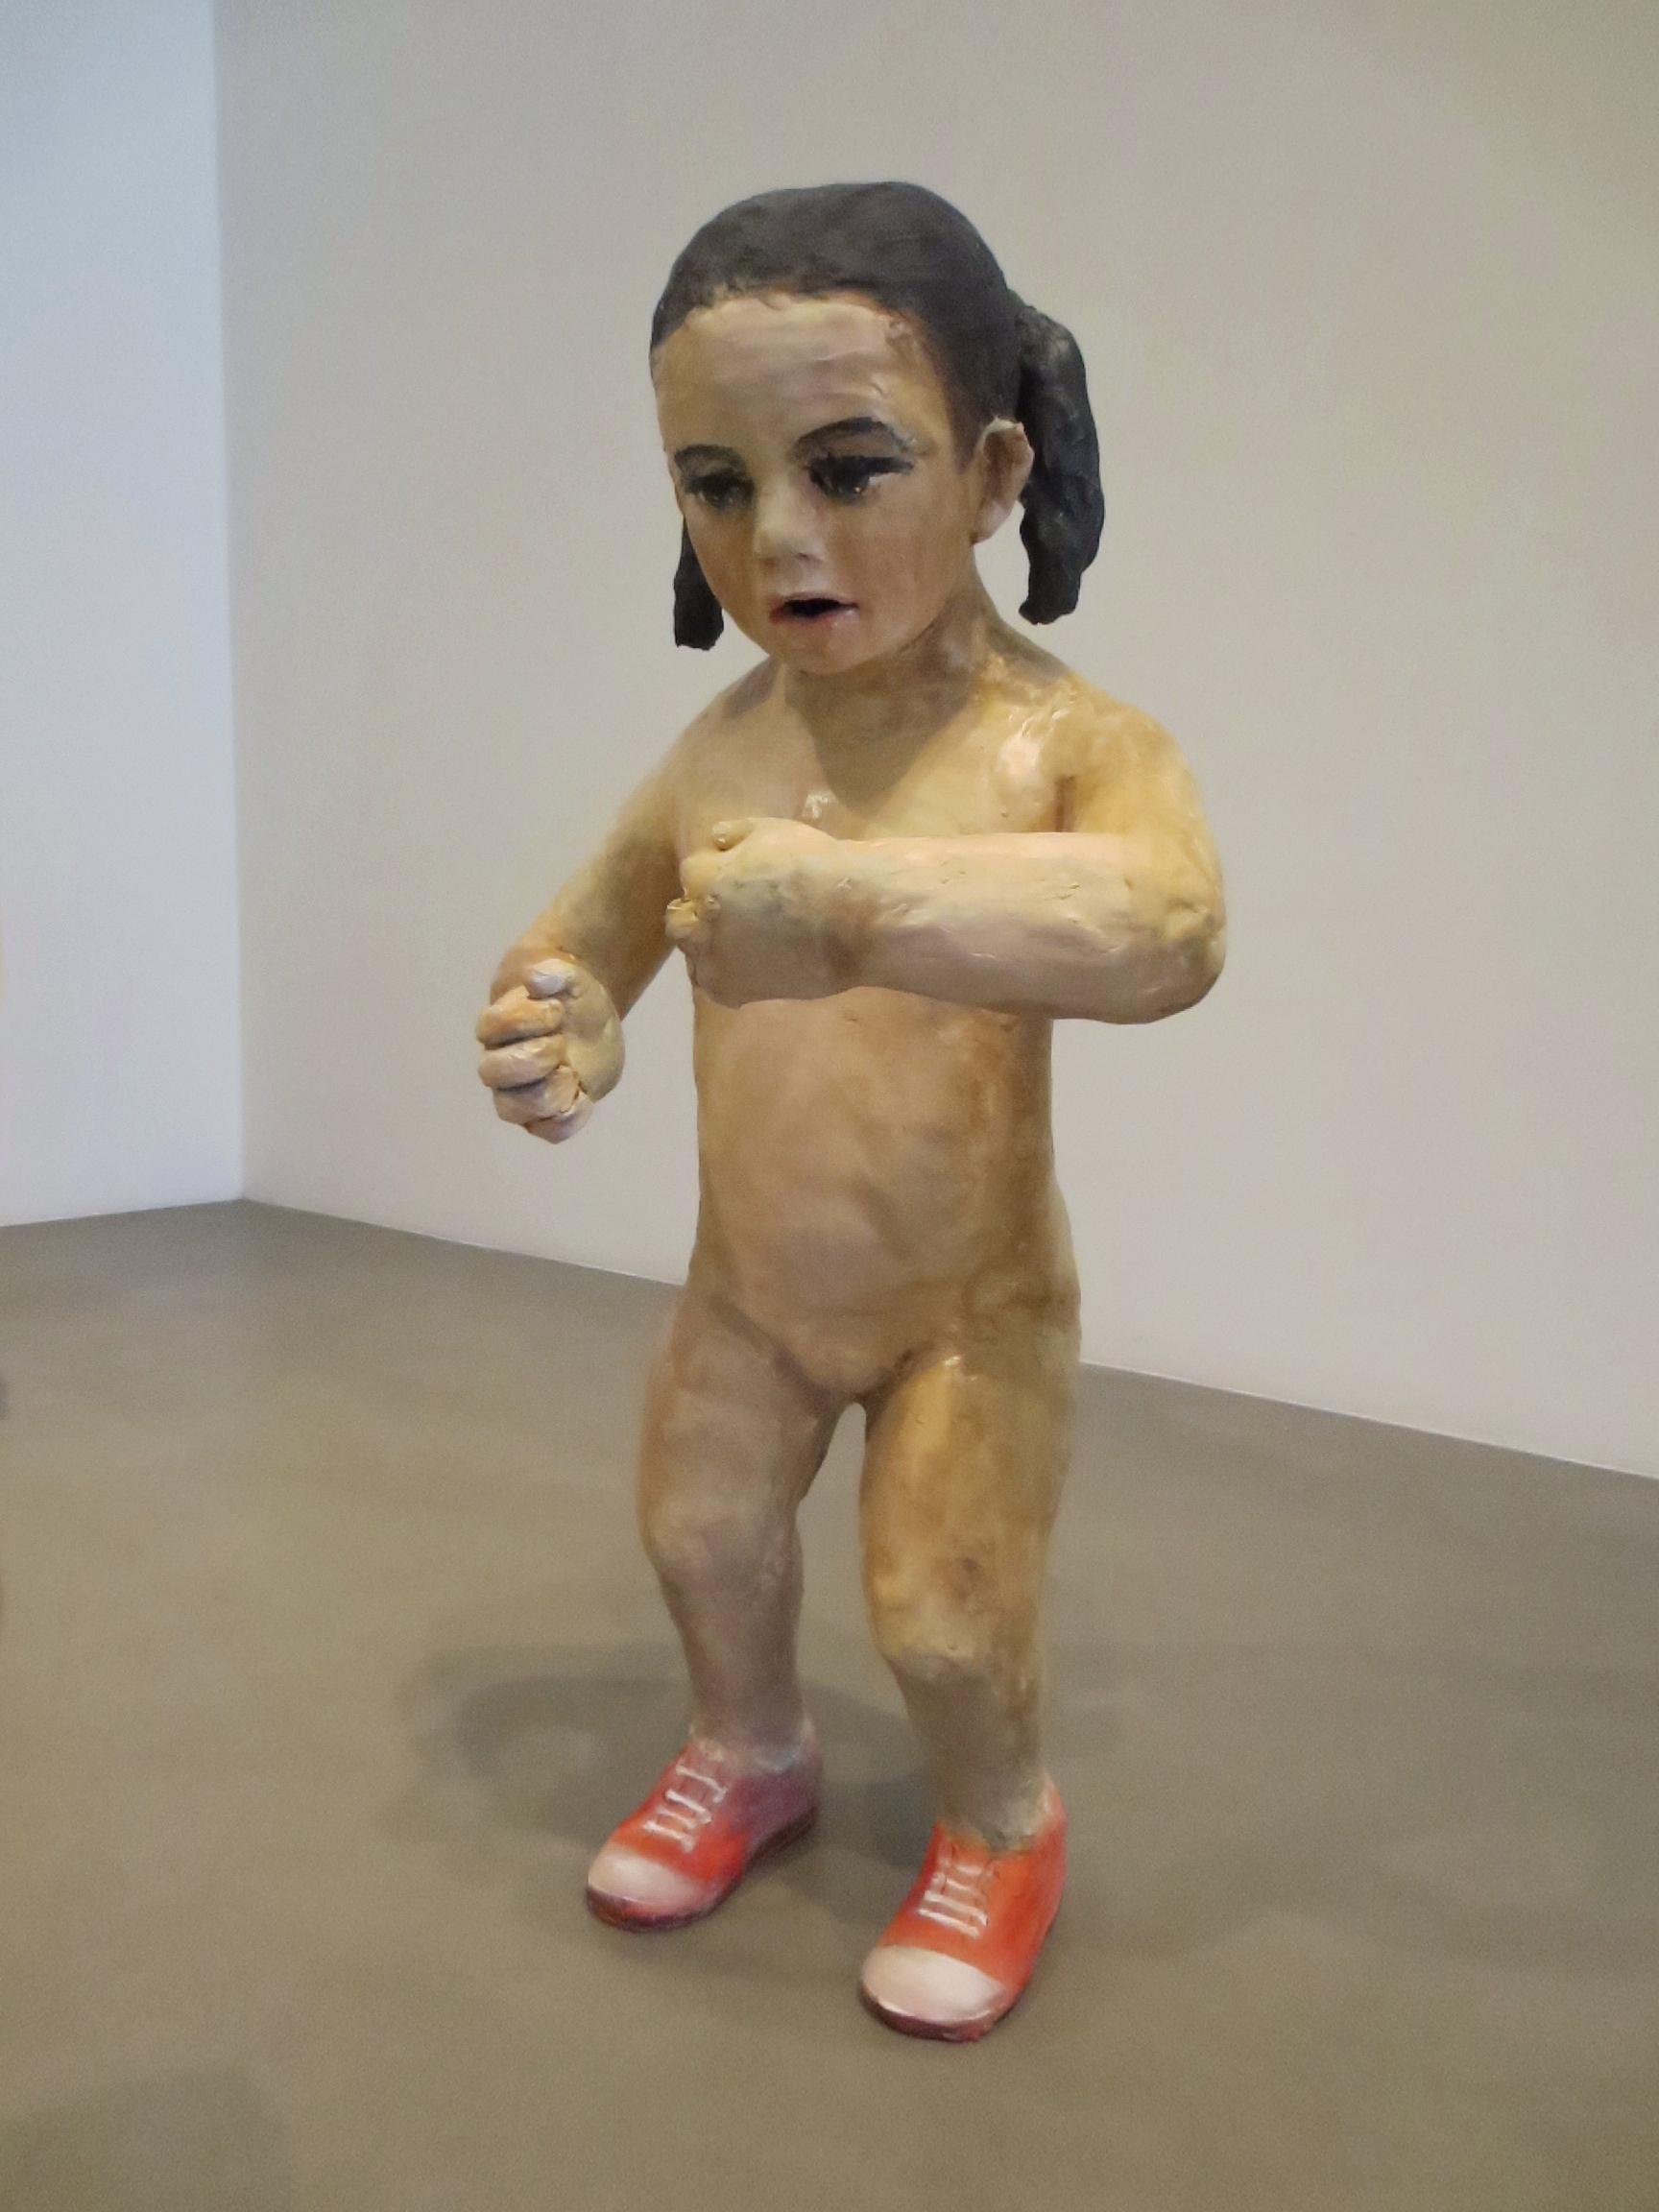 Pendiencia, (Bully 1), 2012, Glazed ceramic, 31 X 17 X 13 in.